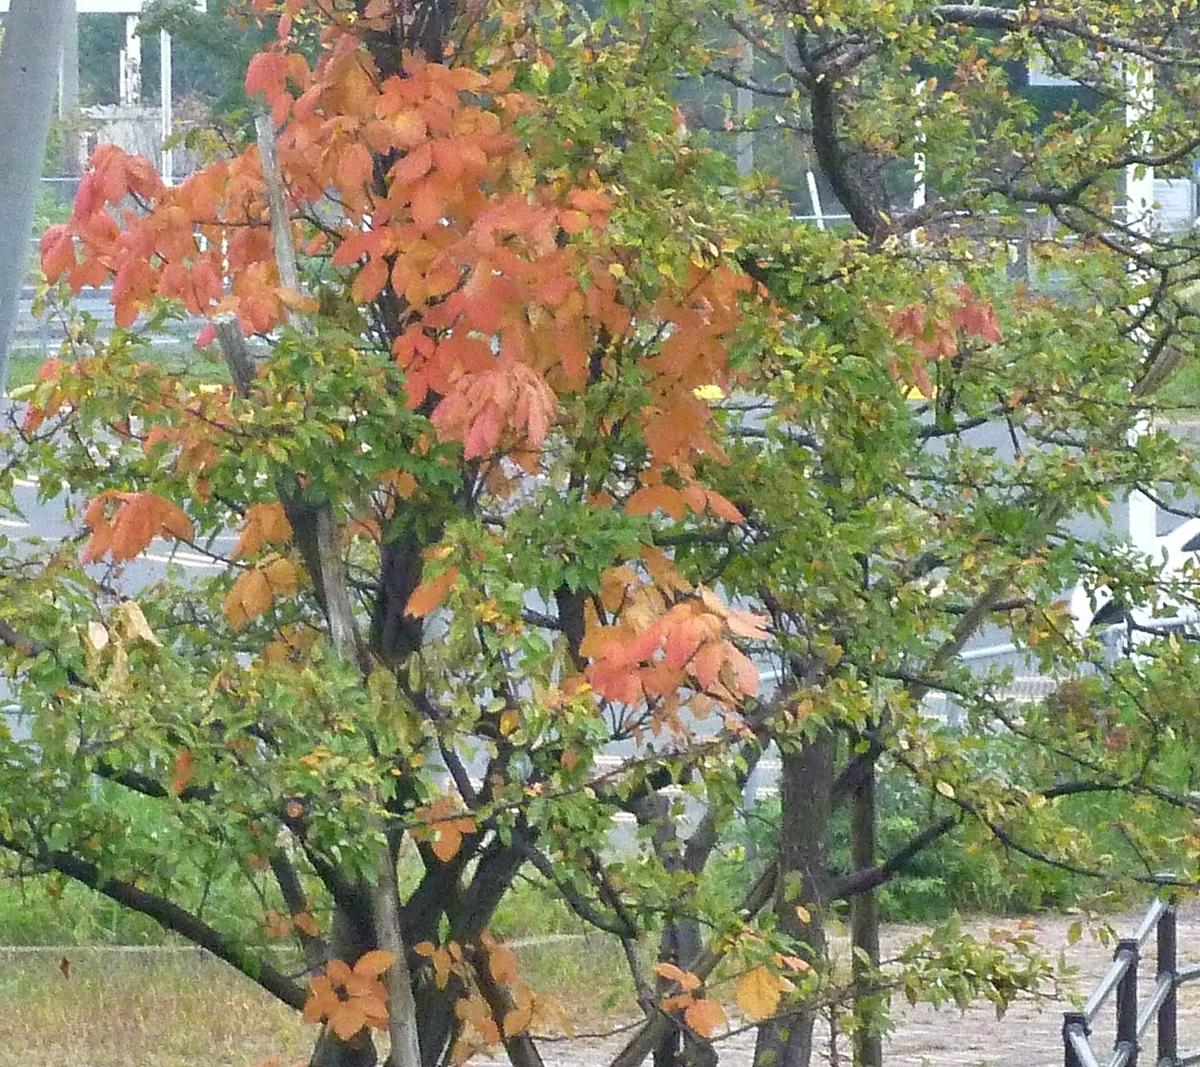 色づき始めた木の葉 2020年10月7日撮影